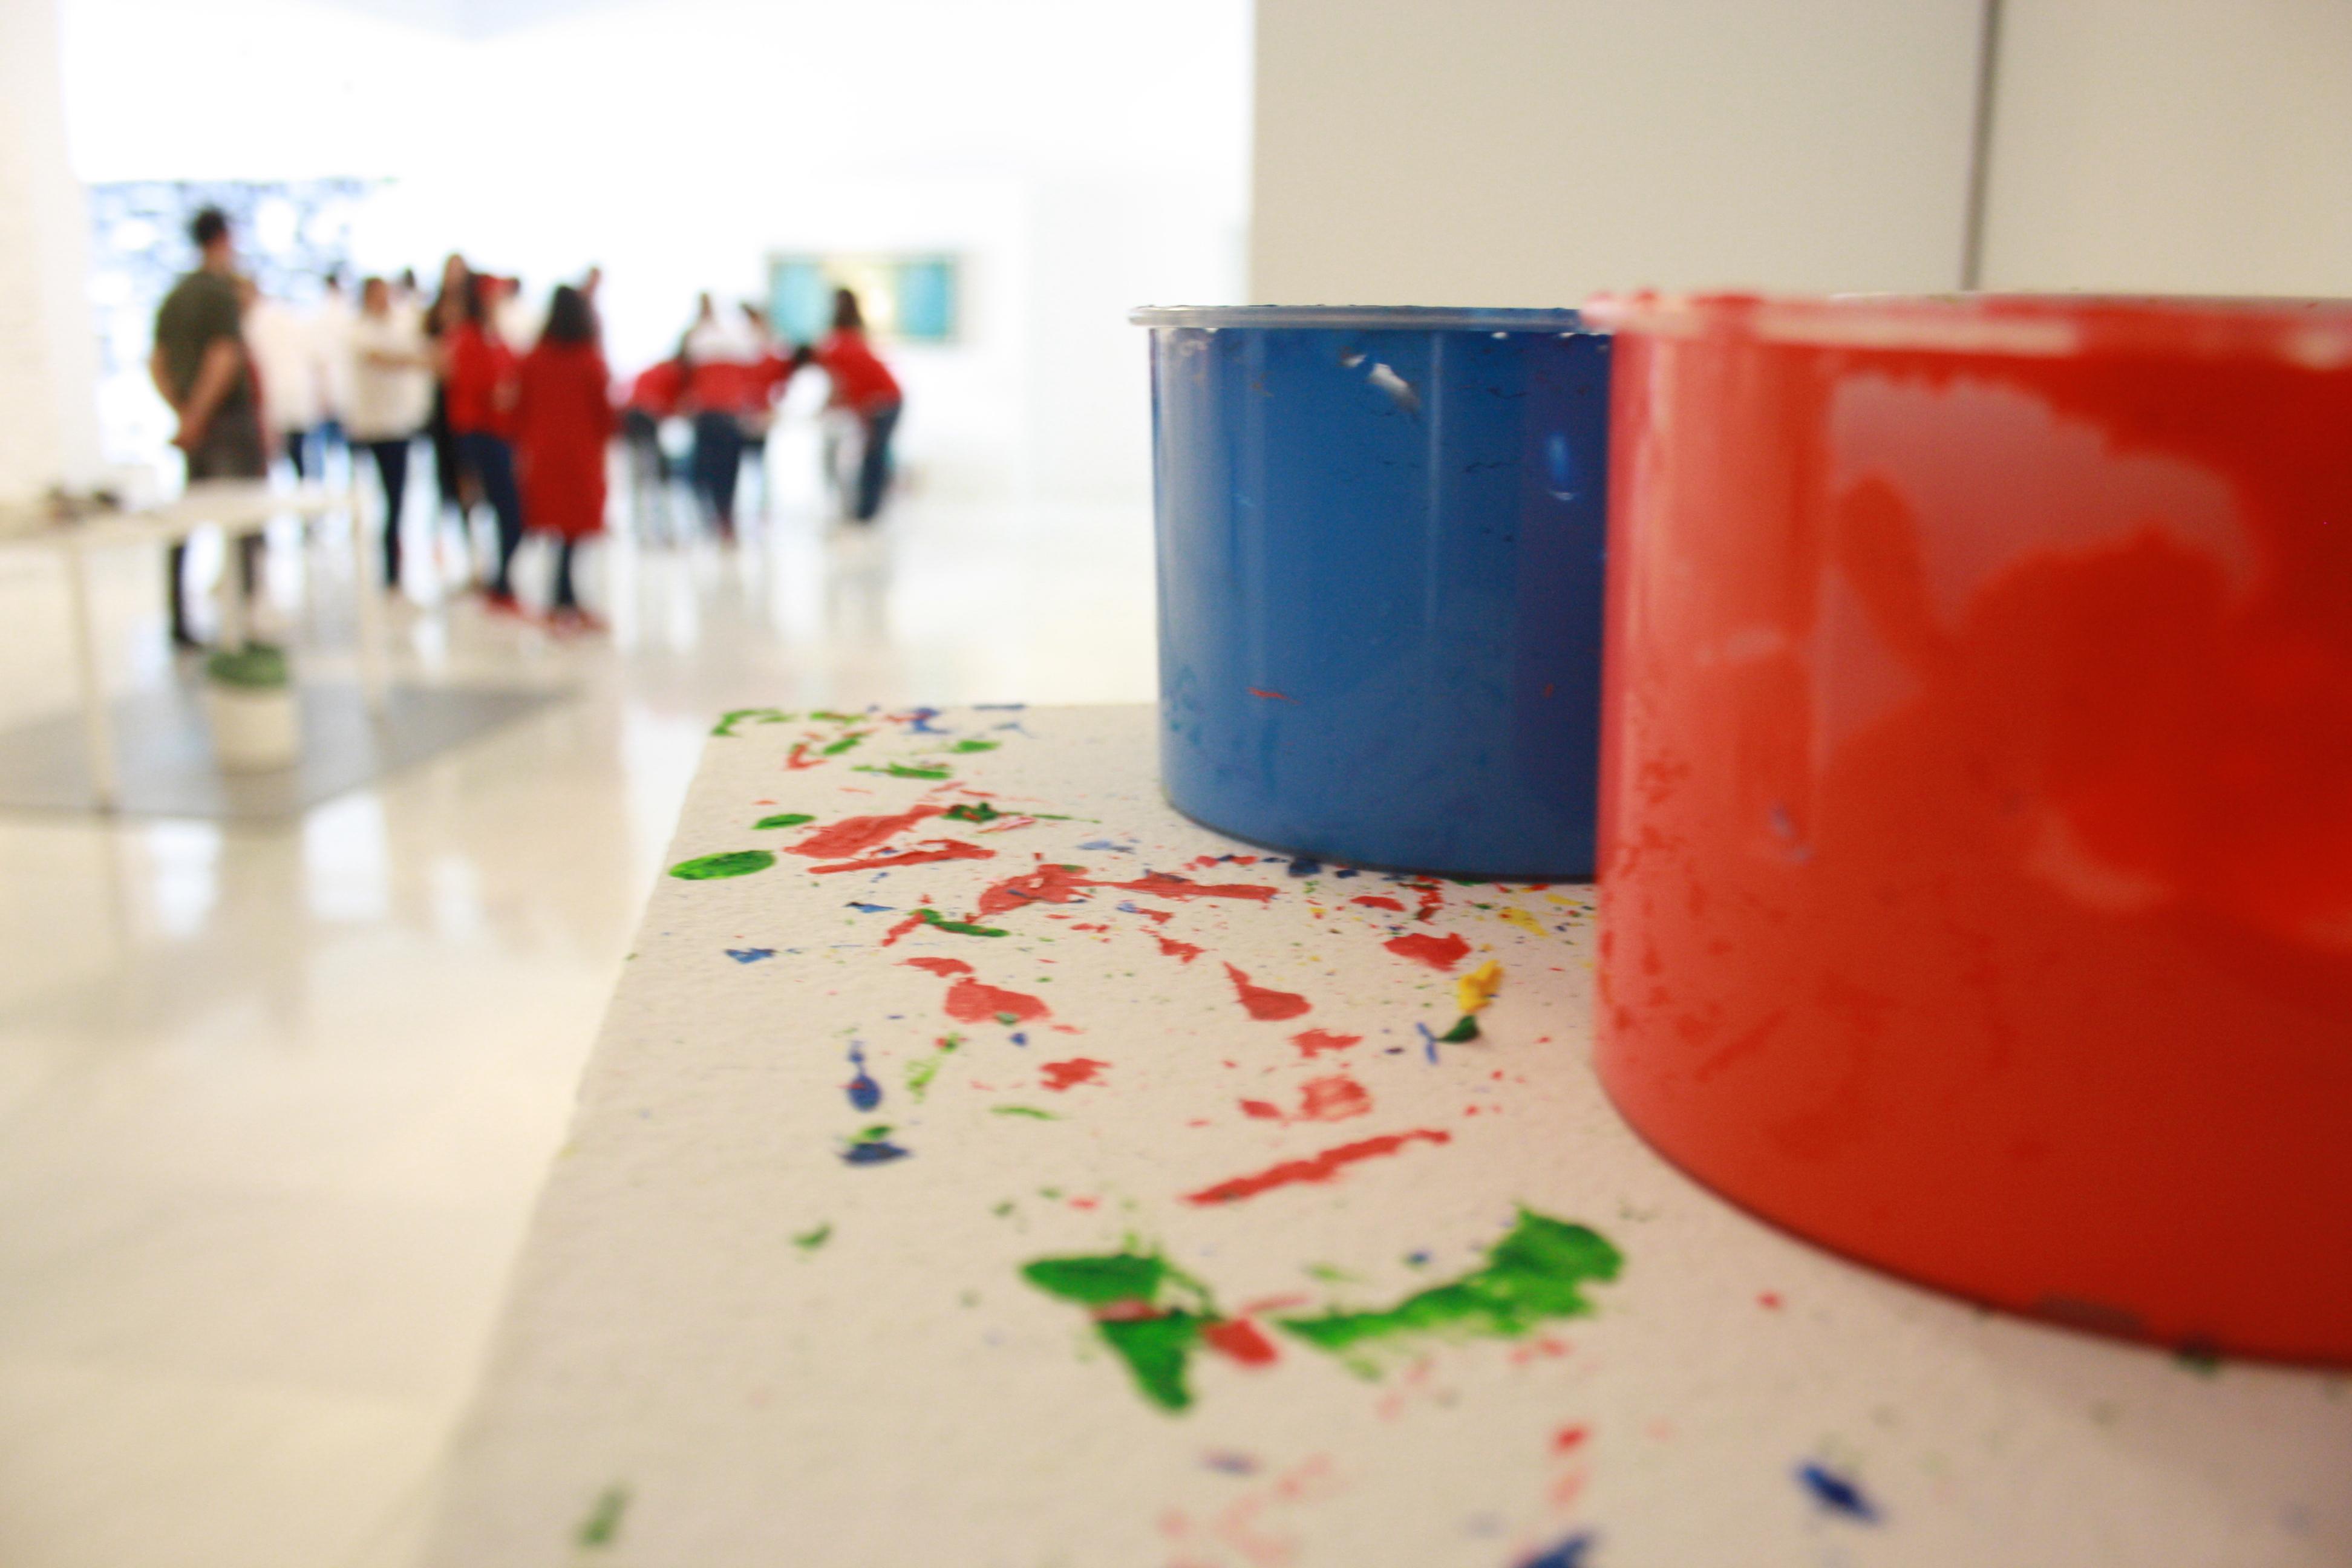 Ríos, Mariona. 2017. Miró 1.